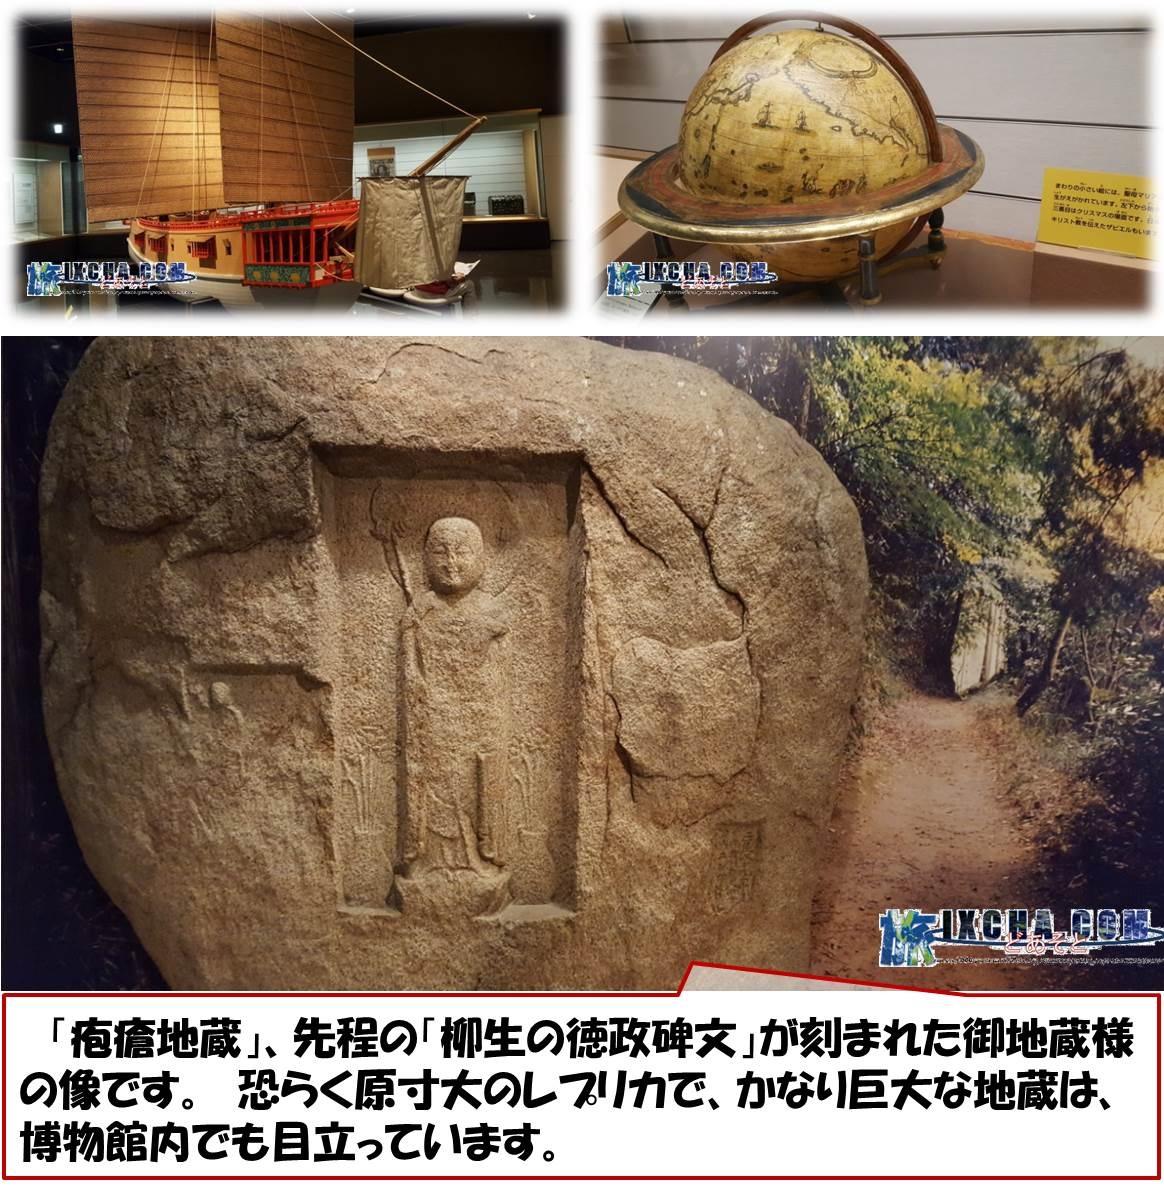 「疱瘡地蔵」、先程の「柳生の徳政碑文」が刻まれた御地蔵様の像です。 恐らく原寸大のレプリカで、かなり巨大な地蔵は、博物館内でも目立っています。